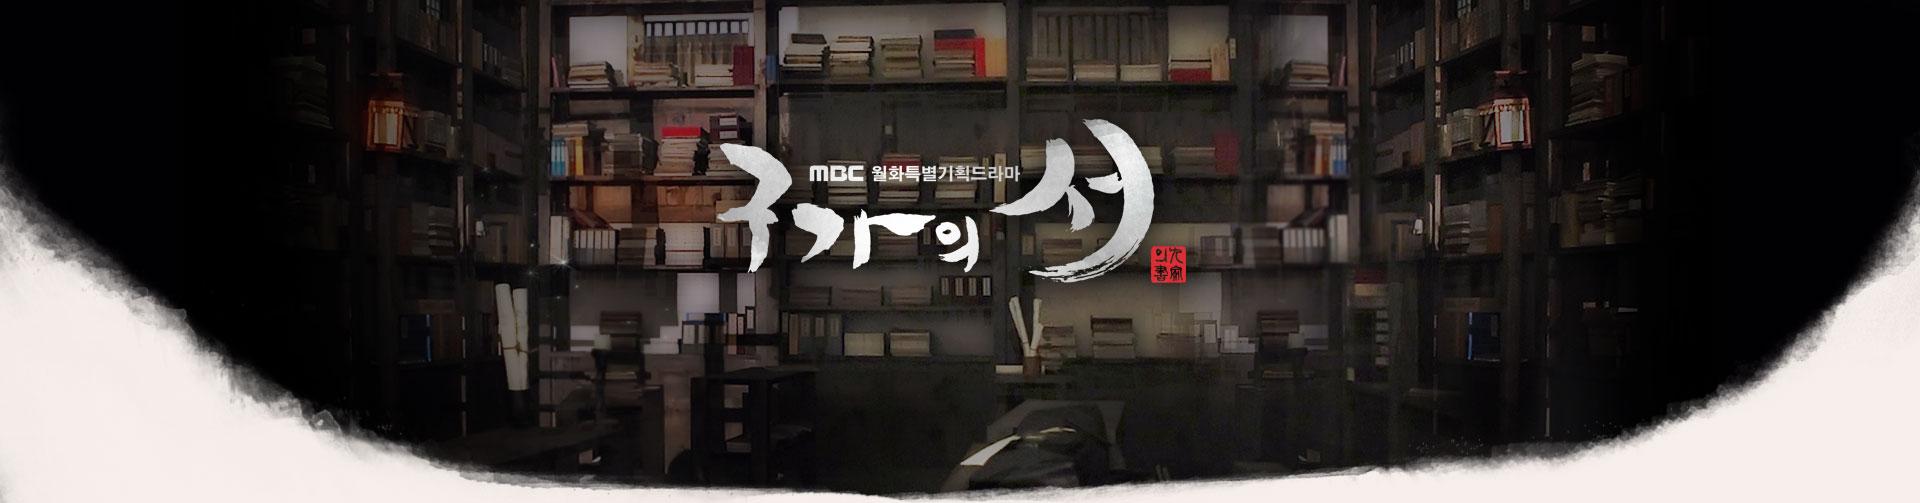 MBC ��ȭƯ����ȹ��� ������ ��